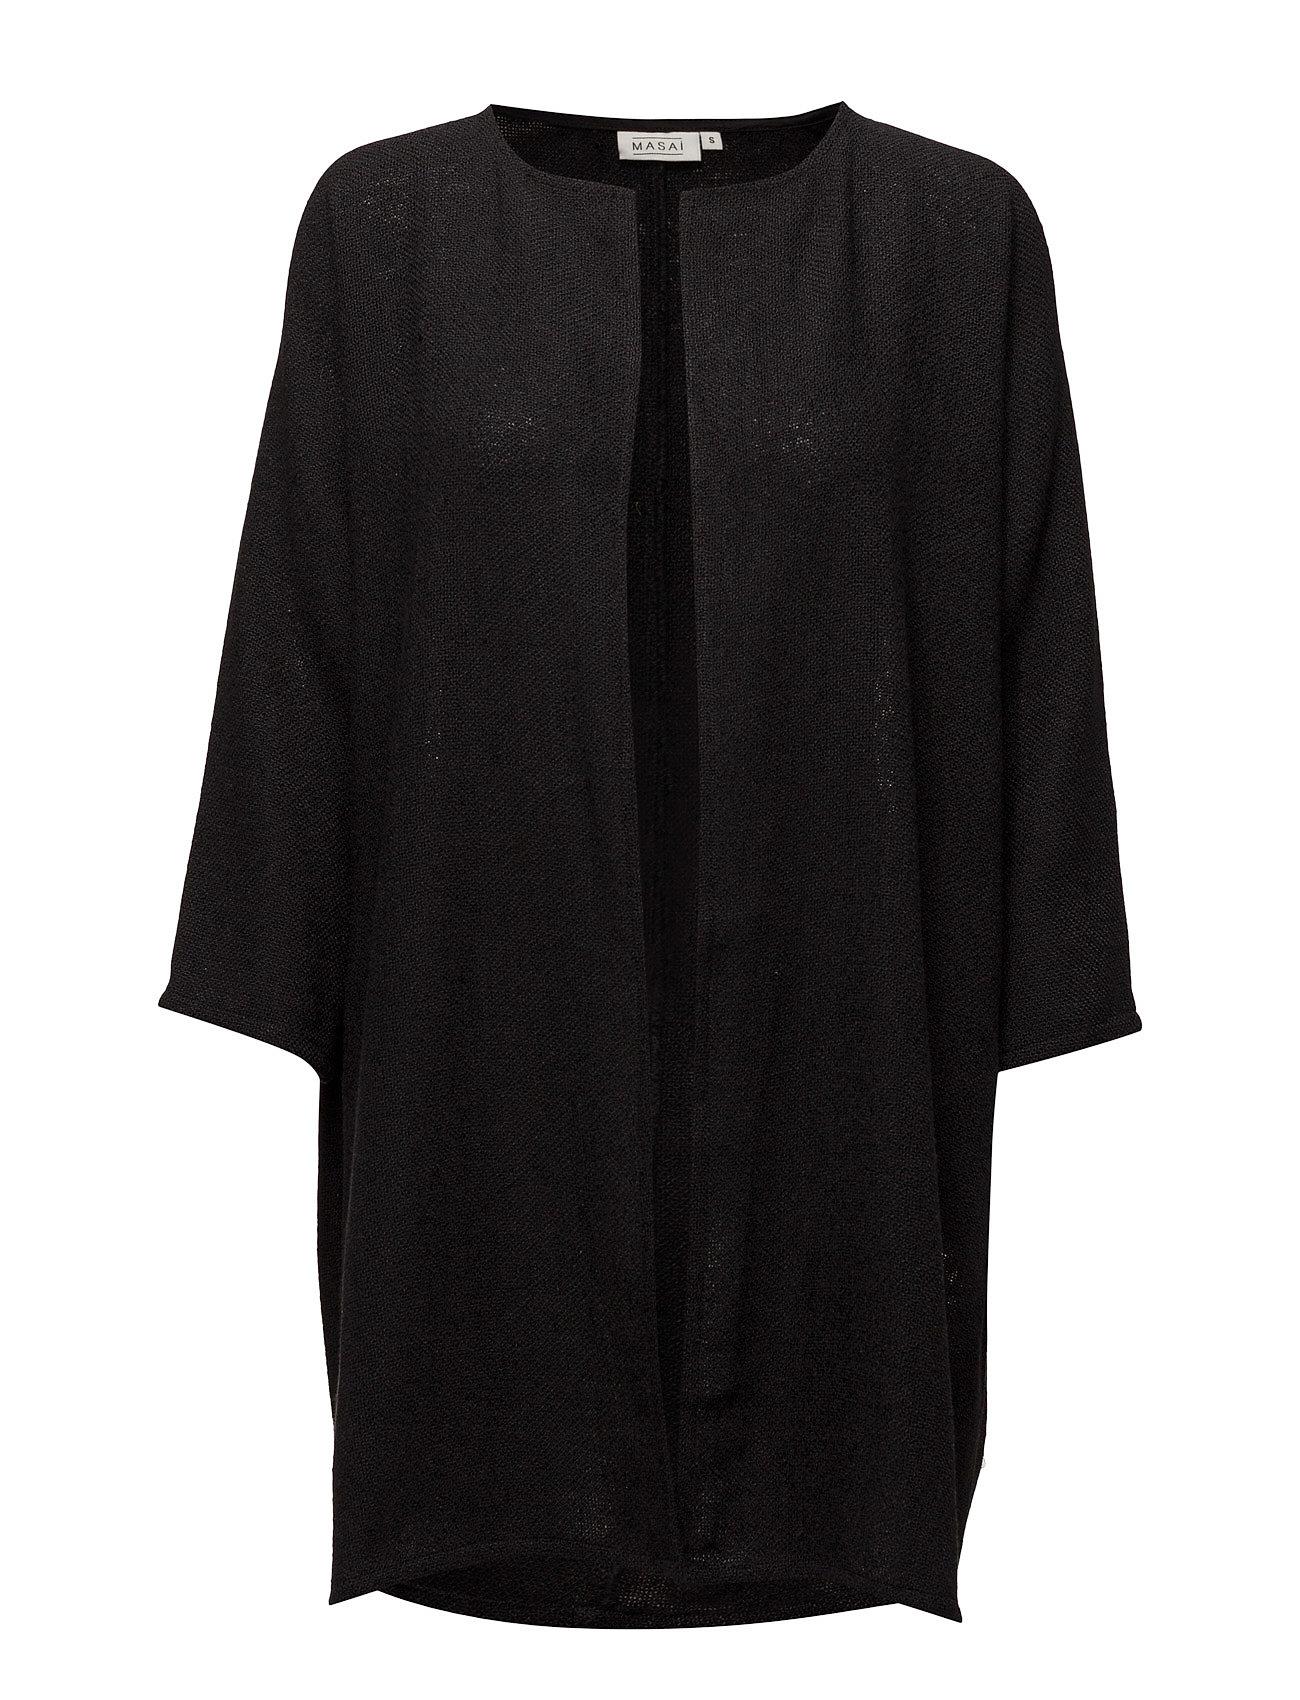 Jarmis Jacket Straight 3/4 Slv Masai Cardigans til Damer i Sort